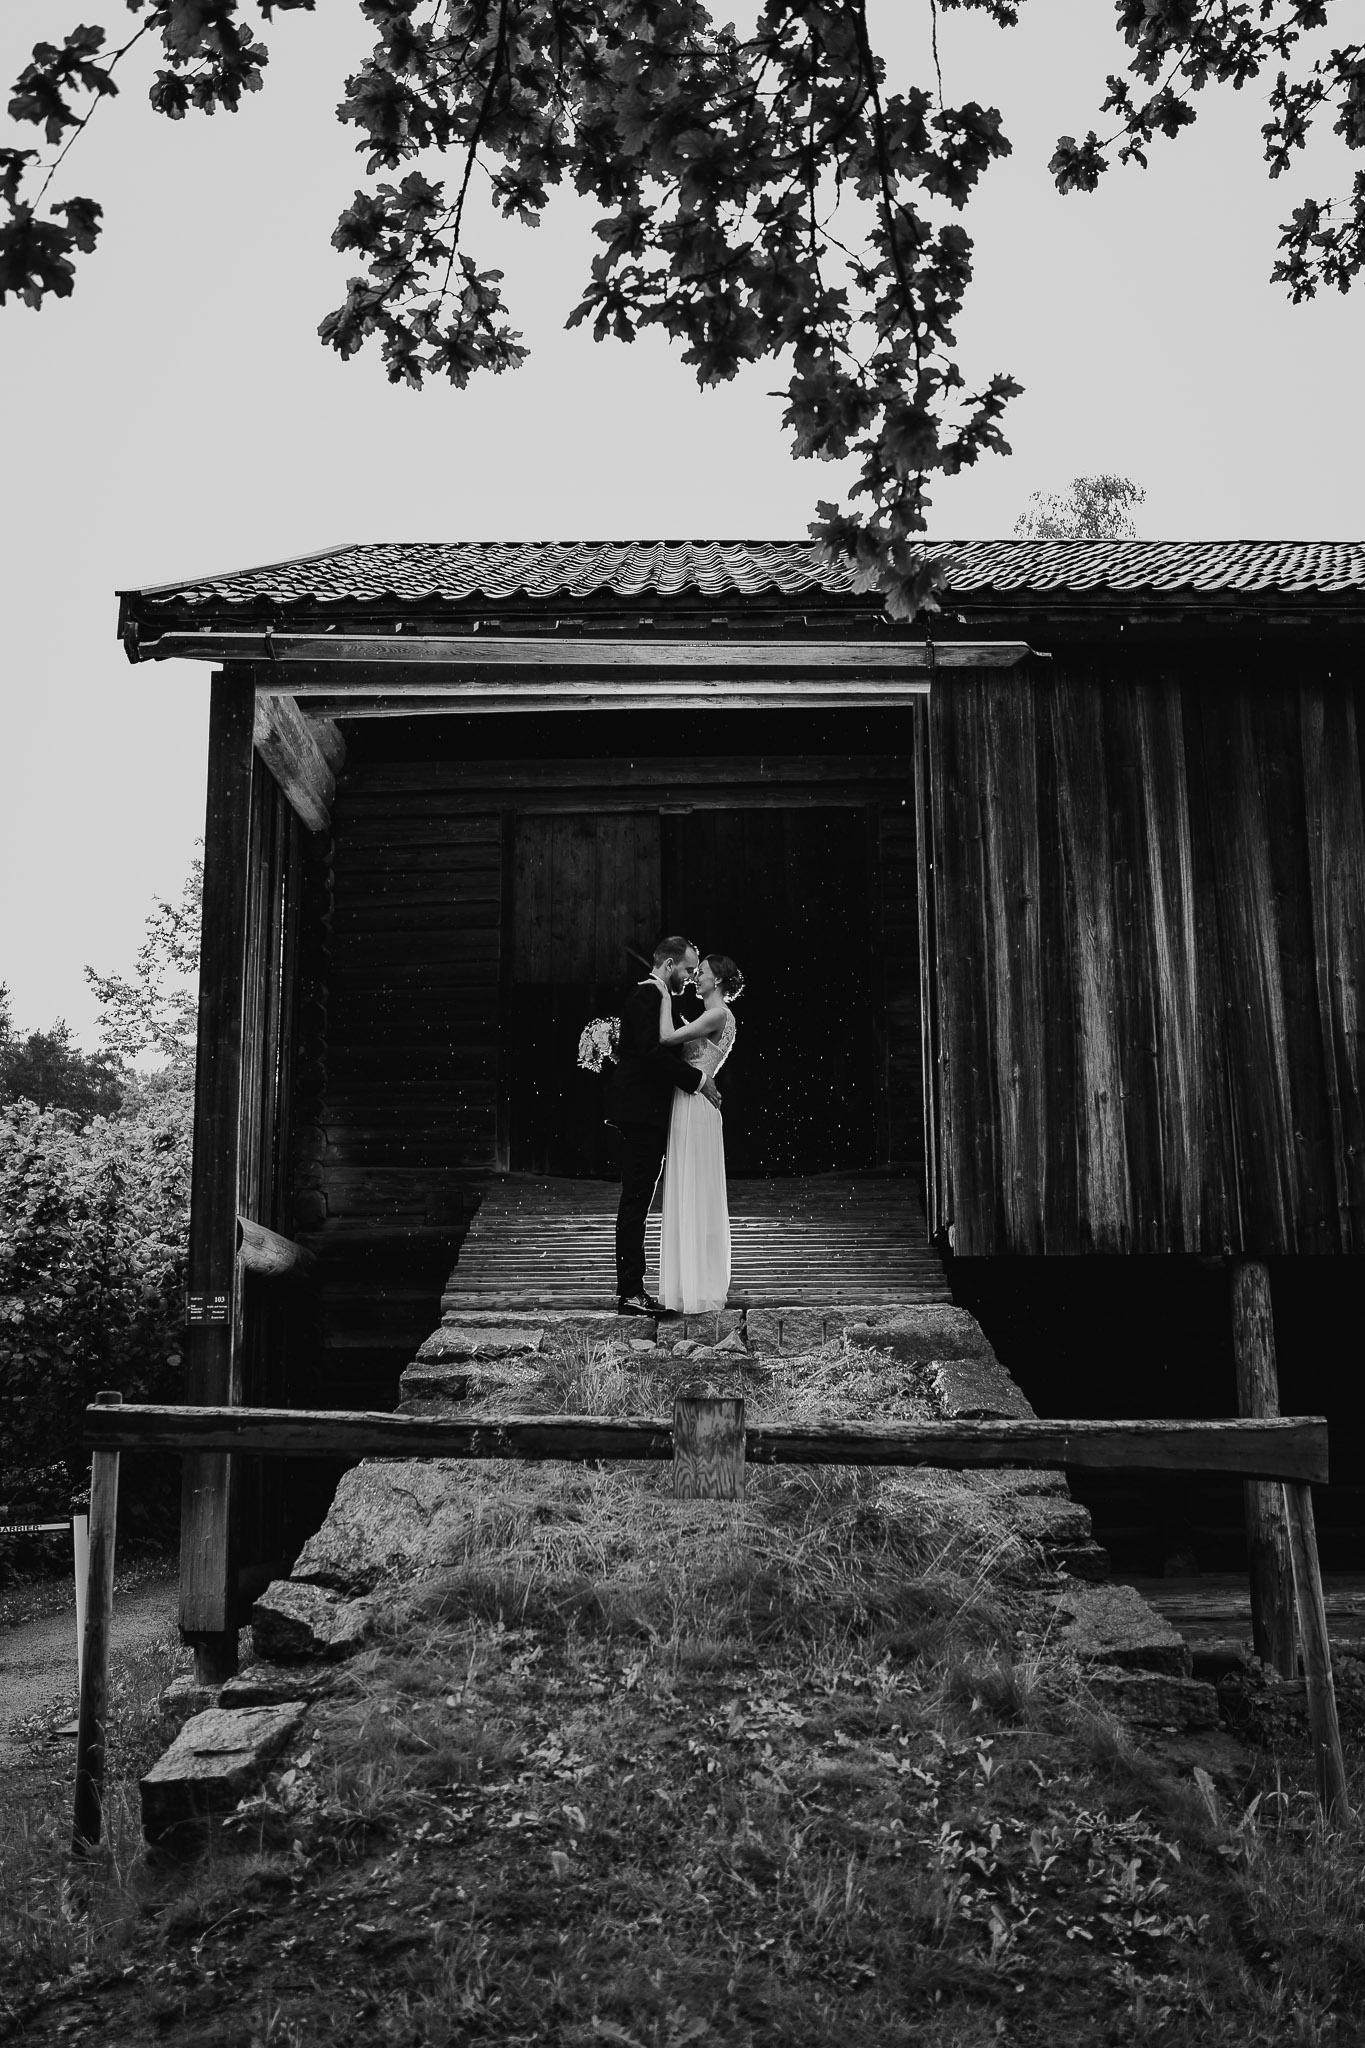 Brudepar i bryllupskjole og dress står i åpningen av en låve og kysser